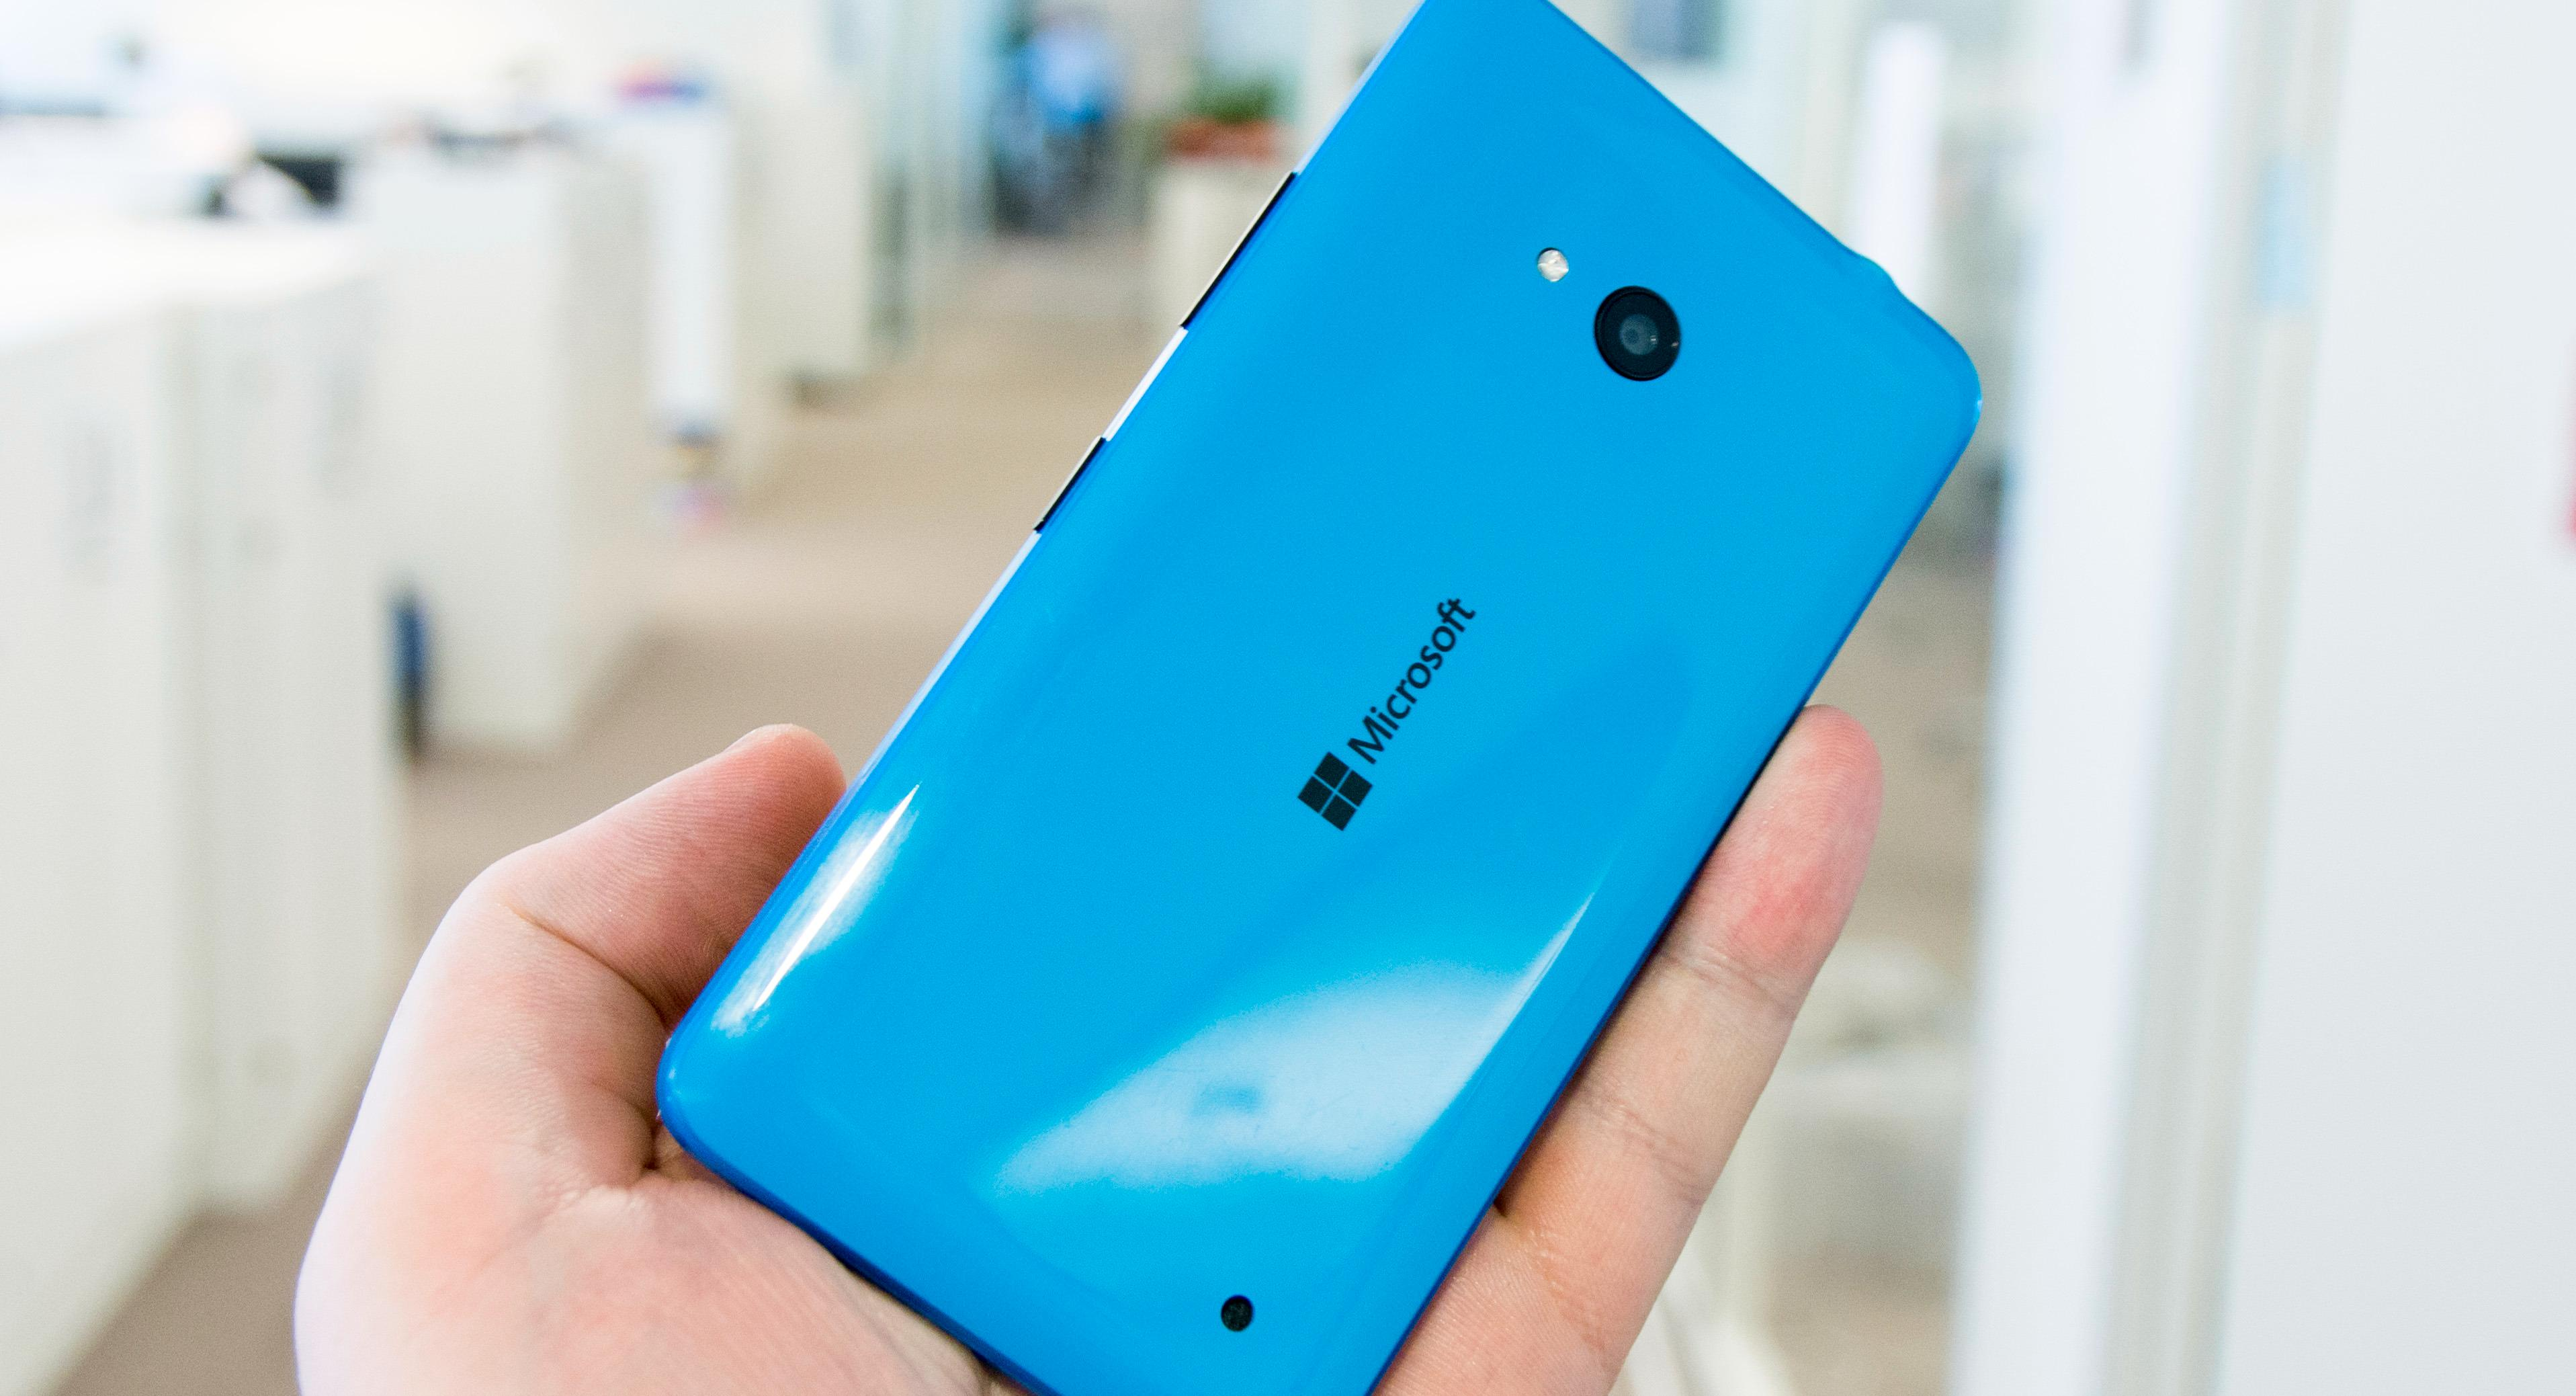 Knapt noen telefon de siste månedene har overrasket oss på en så positiv måte som Lumia 640. Her får du en skikkelig god brukeropplevelse til gi-bort-pris. Foto: Finn Jarle Kvalheim, Tek.no